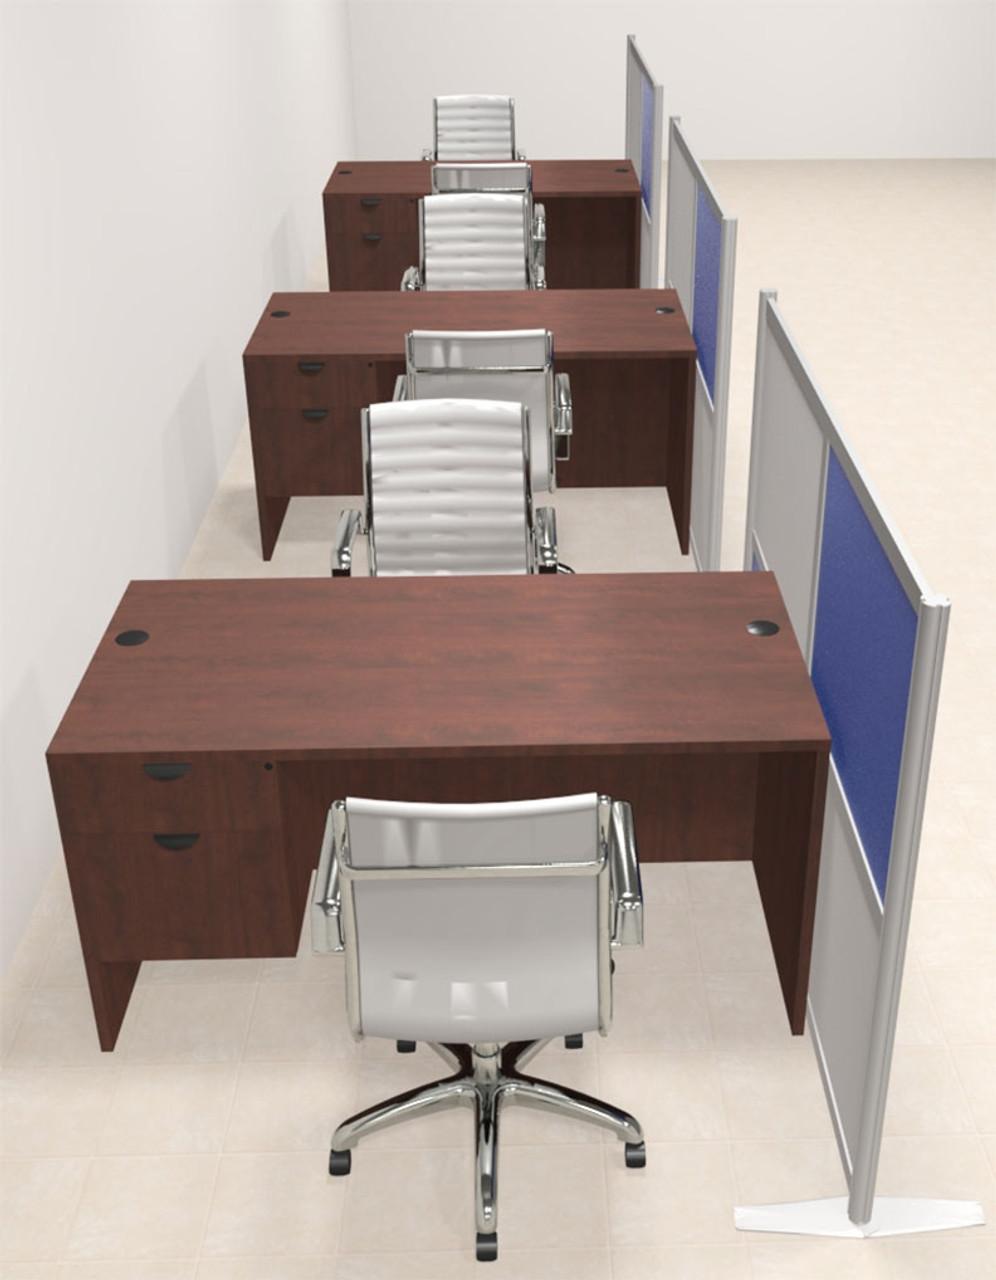 Three Person Workstation w/Acrylic Aluminum Privacy Panel, #OT-SUL-HPB58